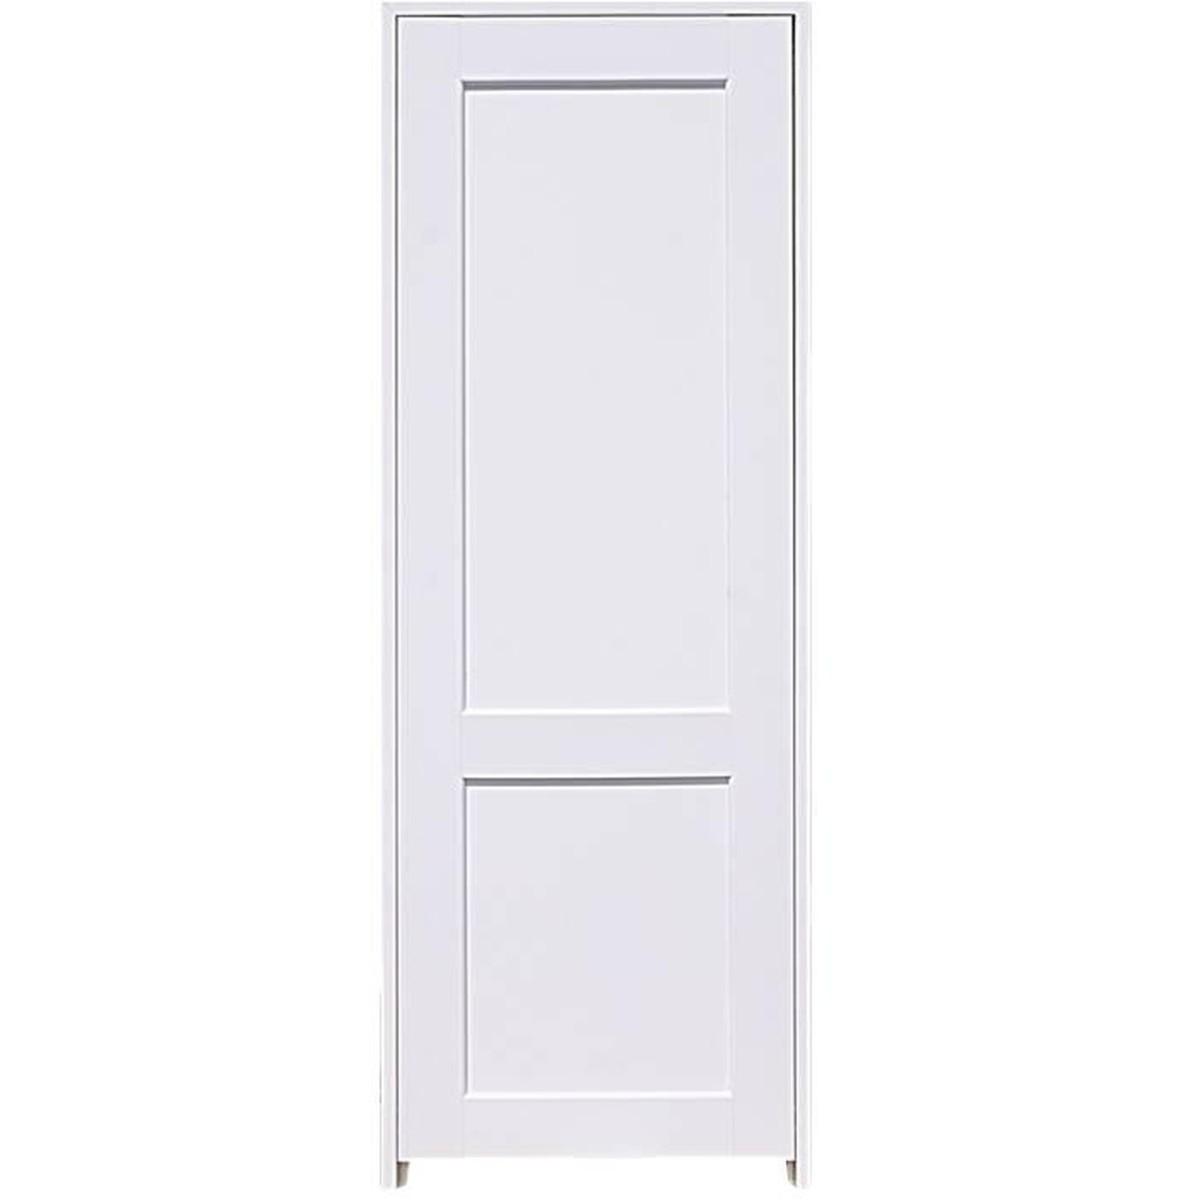 Блок дверной глухой с замком и петлями в комплекте Акваплюс 60x200 см ПВХ